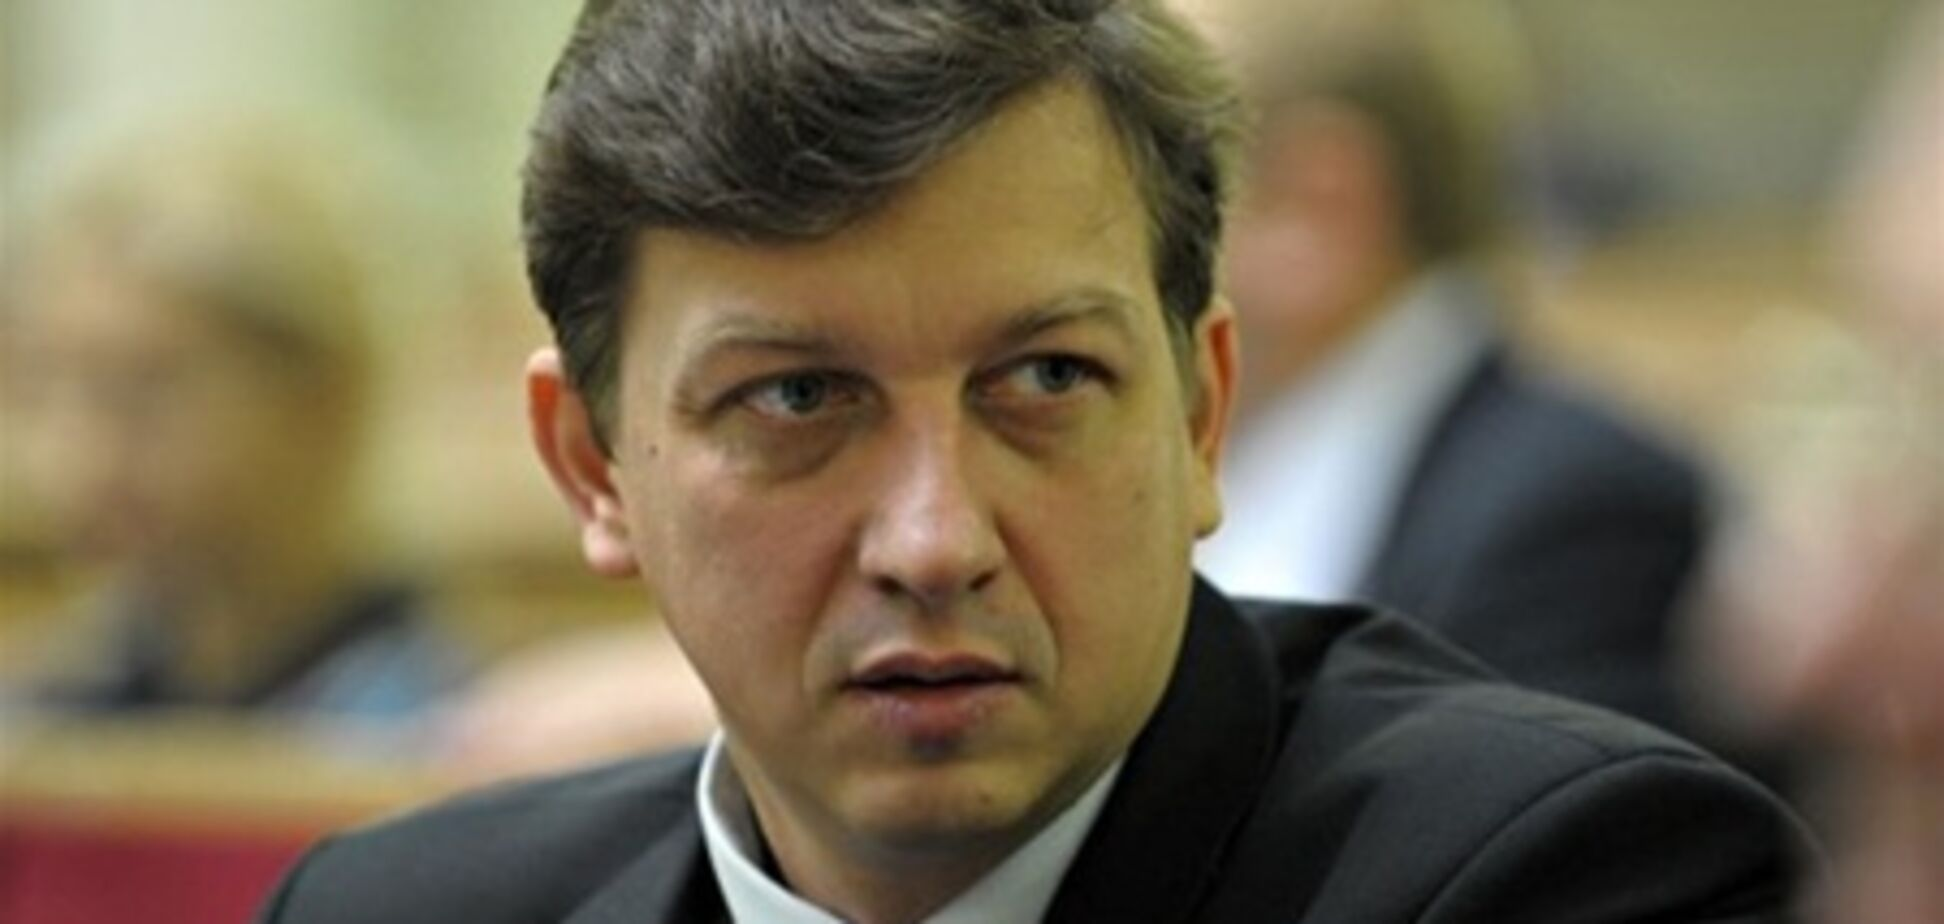 Українці повинні активніше висловлювати свою громадянську позицію - Доній